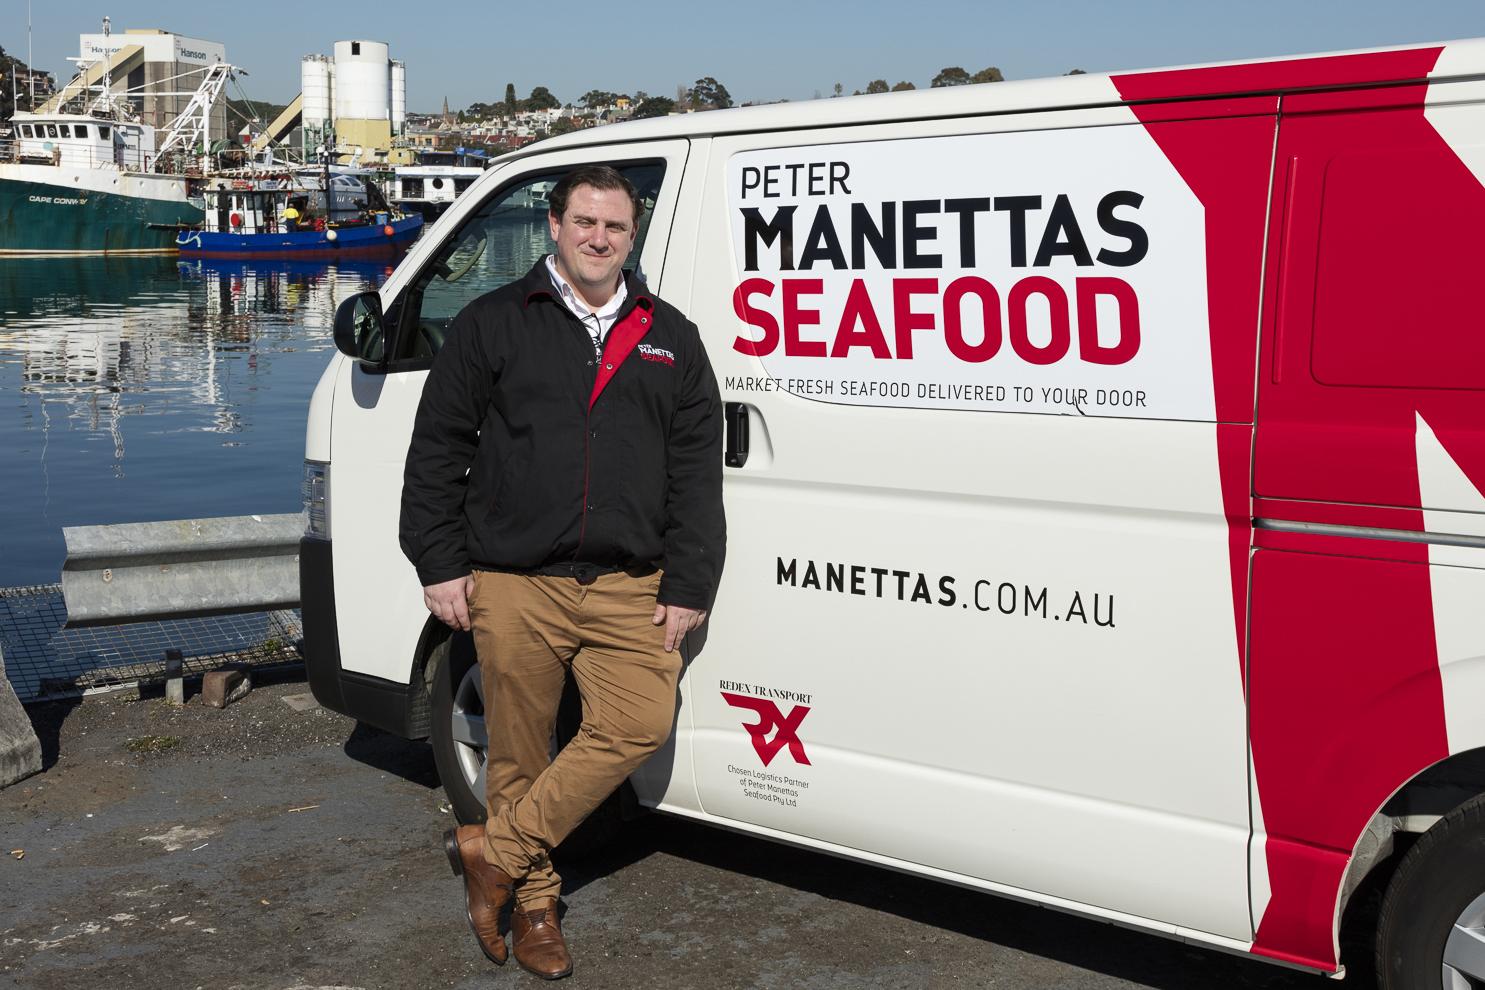 Peter Manettas_Delivery Van_Photo by Hugo Sharp.jpg